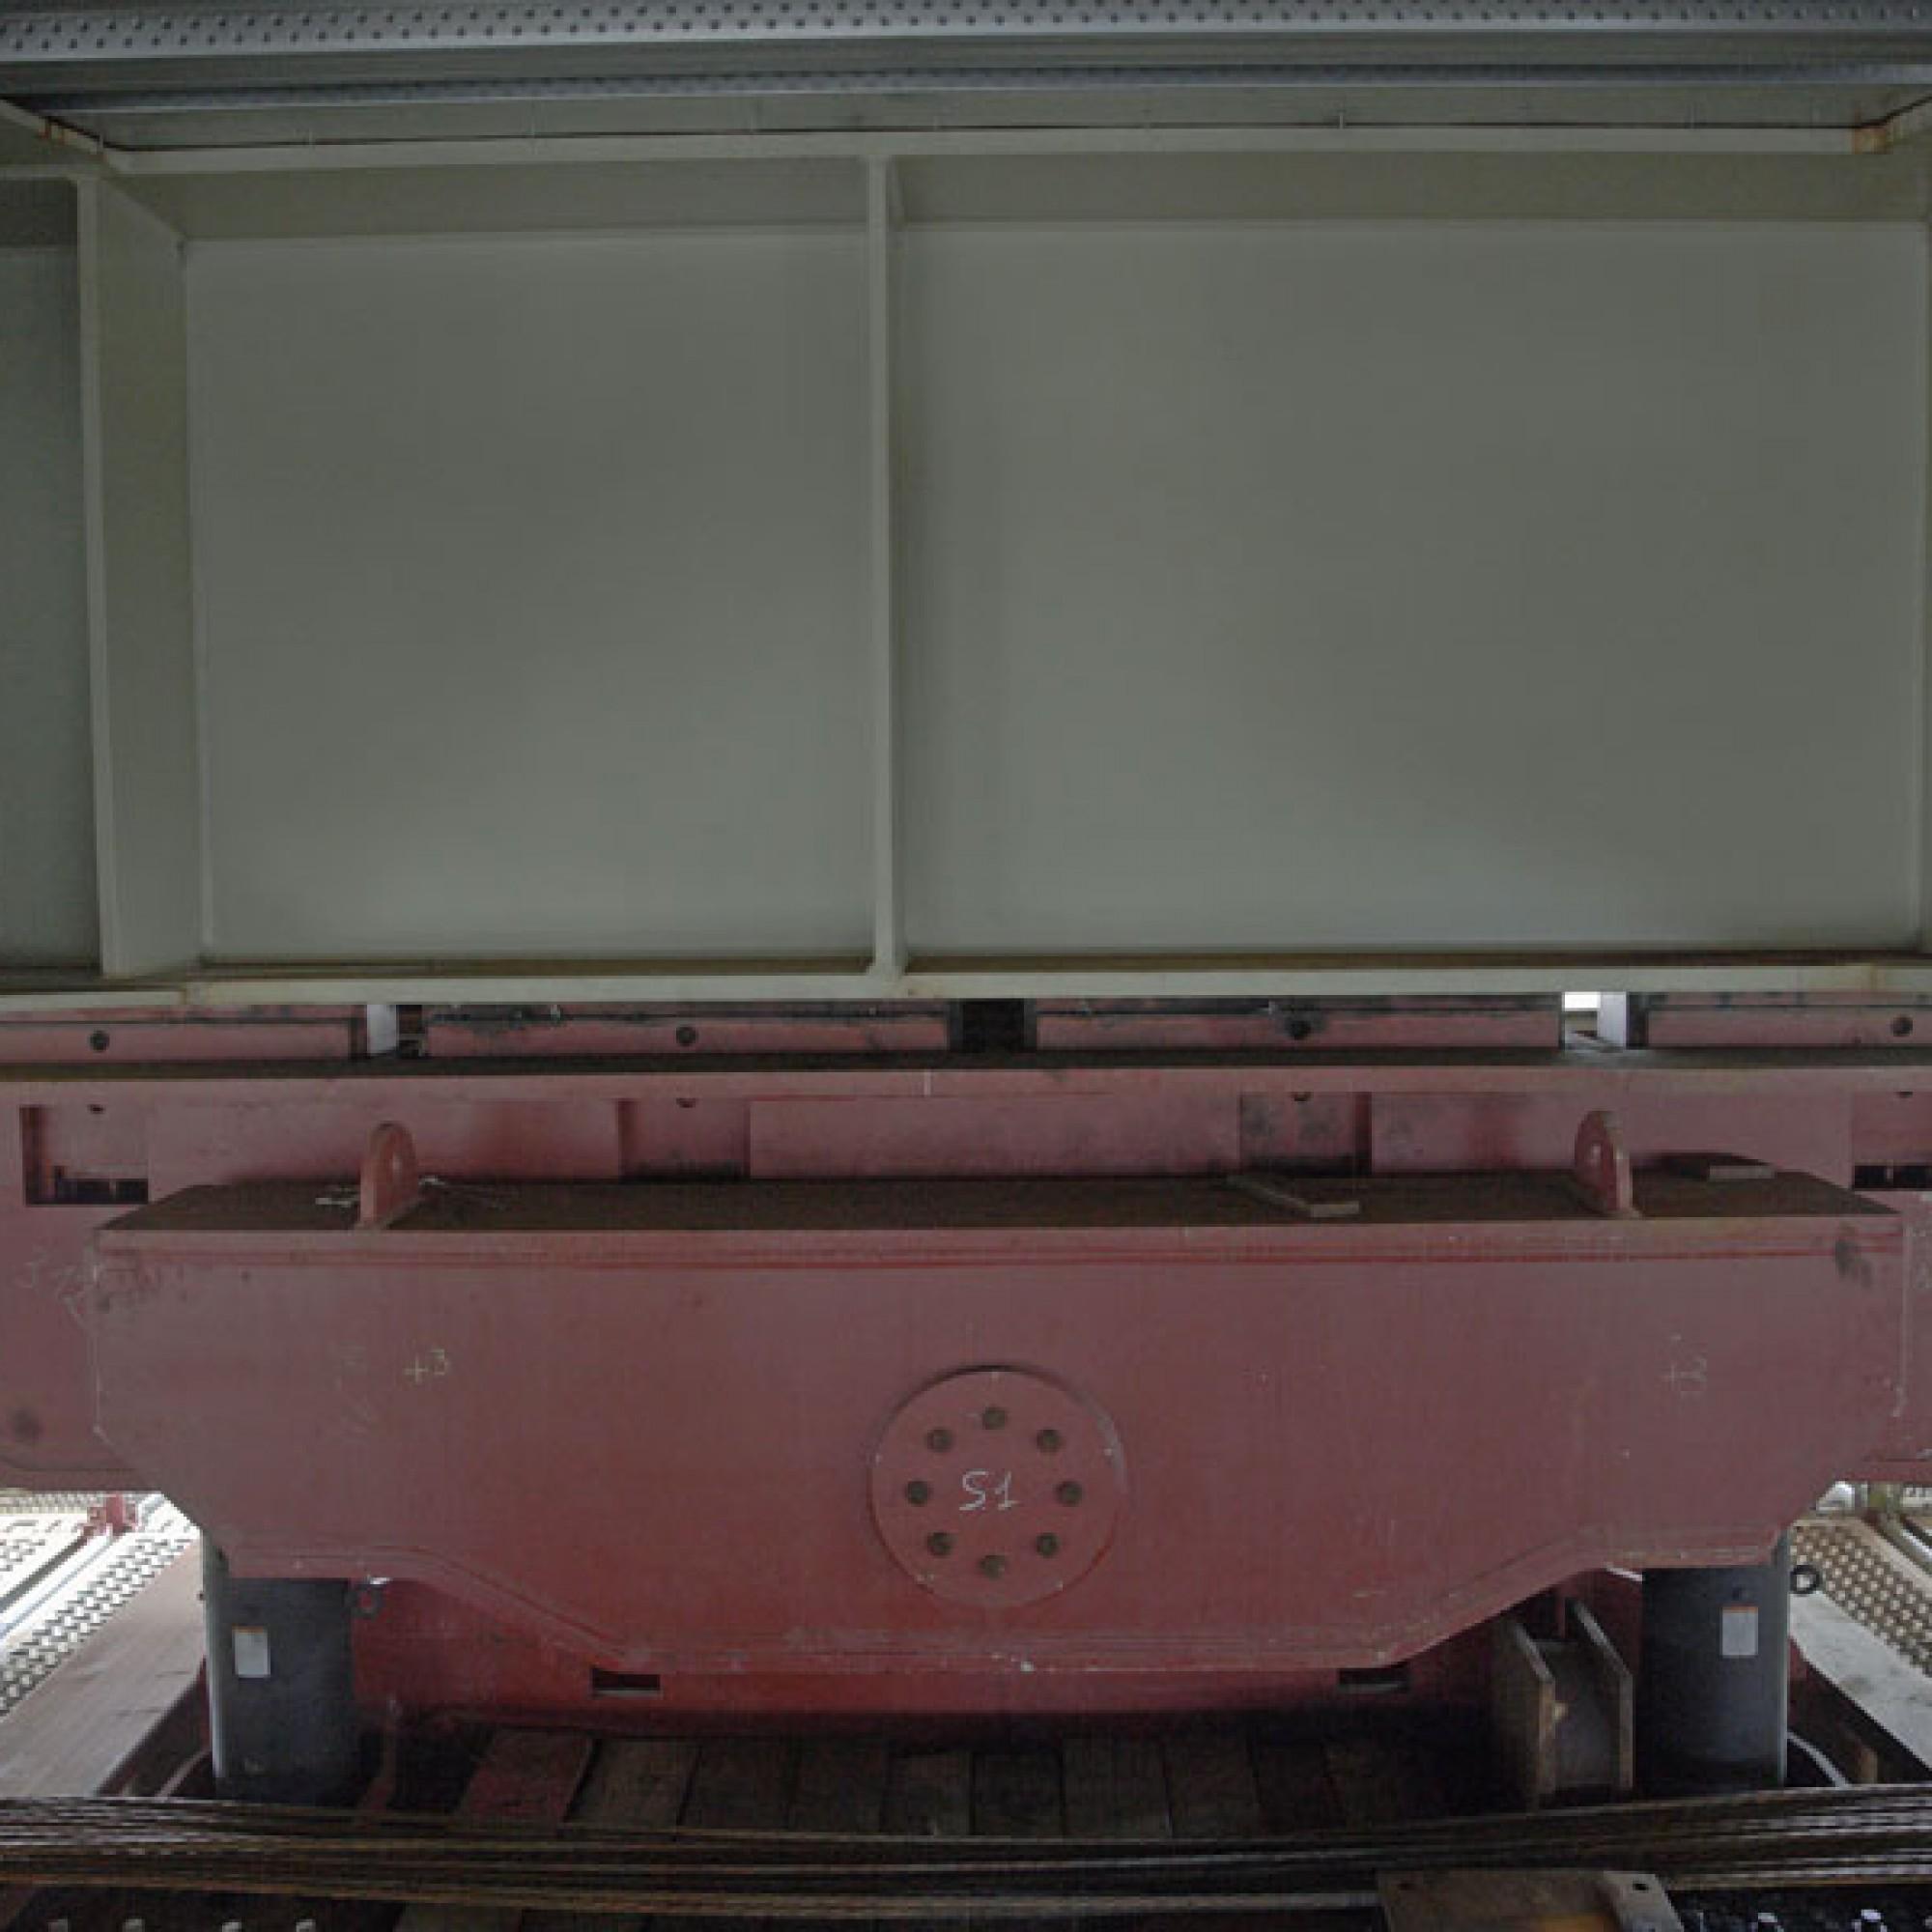 Auf solchen Gleitlagern wird die Konstruktion Stück für Stück über die Gleise geschoben.